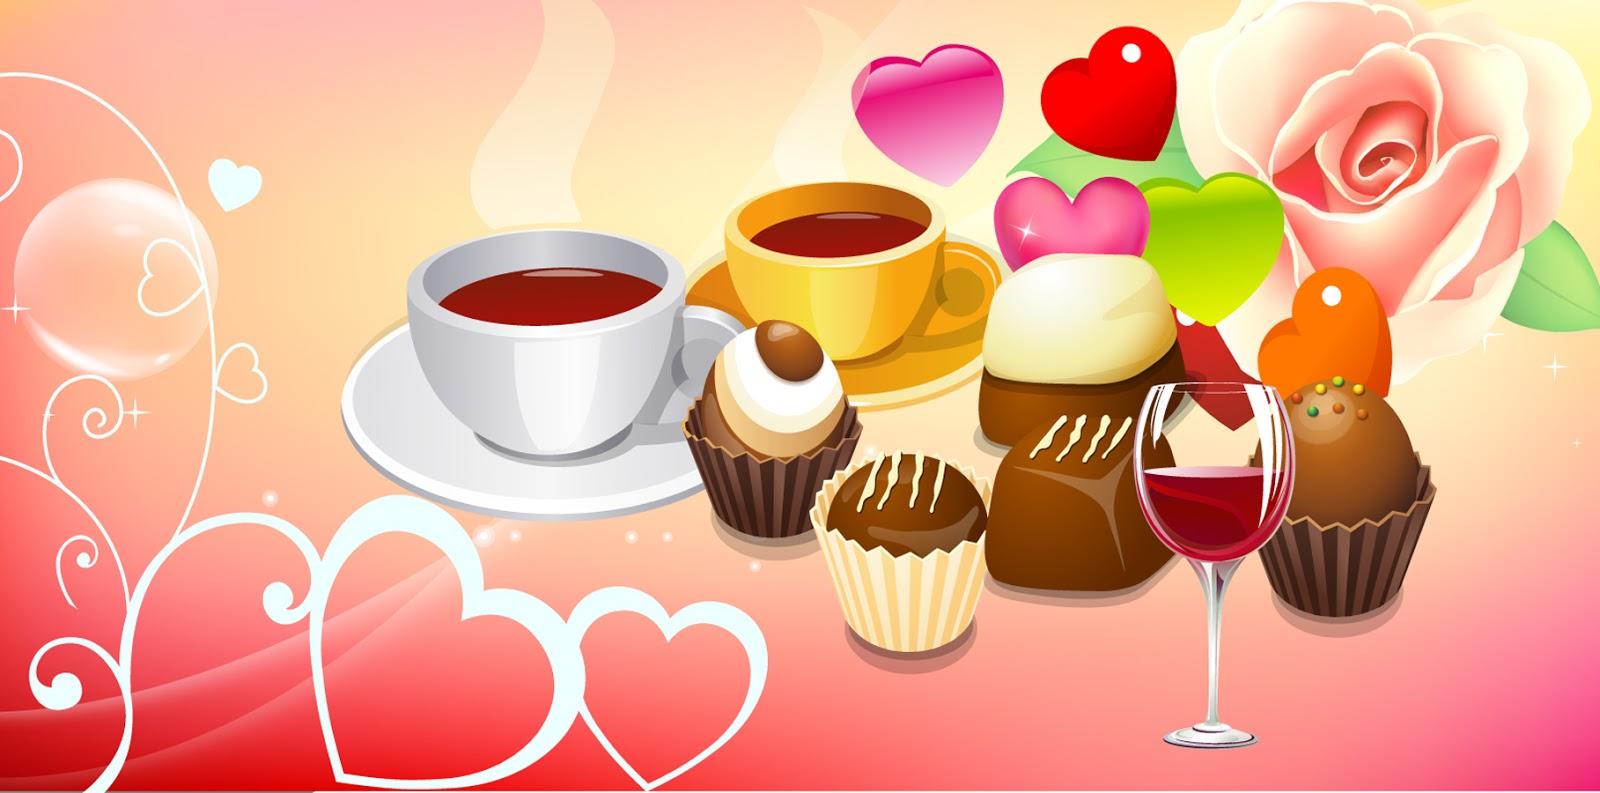 バレンタインデーのお菓子の背景 valentine sweets clipart イラスト素材